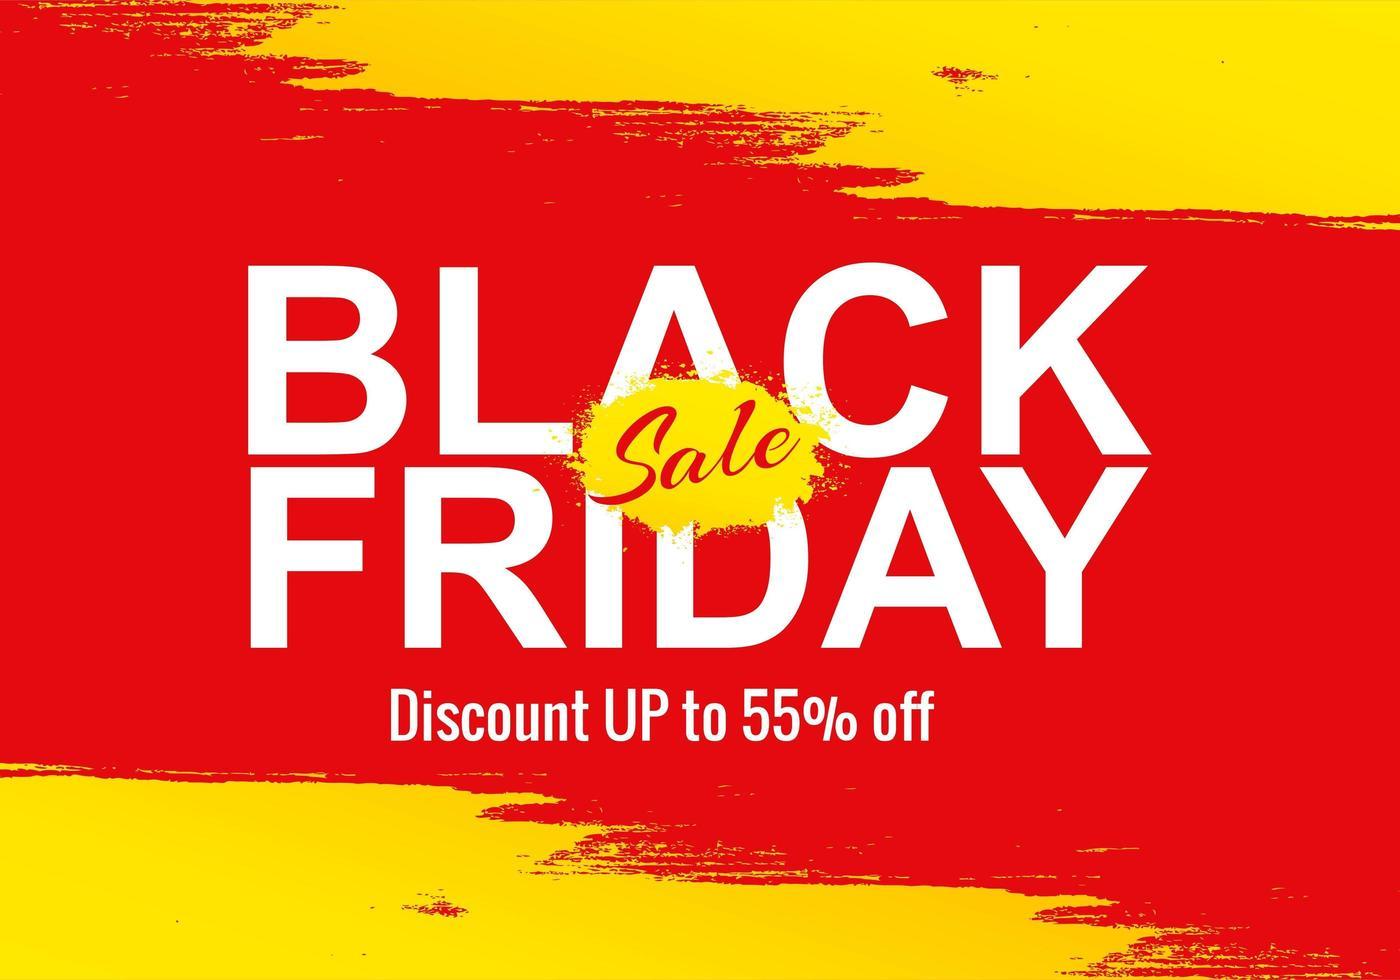 venda de sexta-feira negra para fundo de banner empresarial vetor